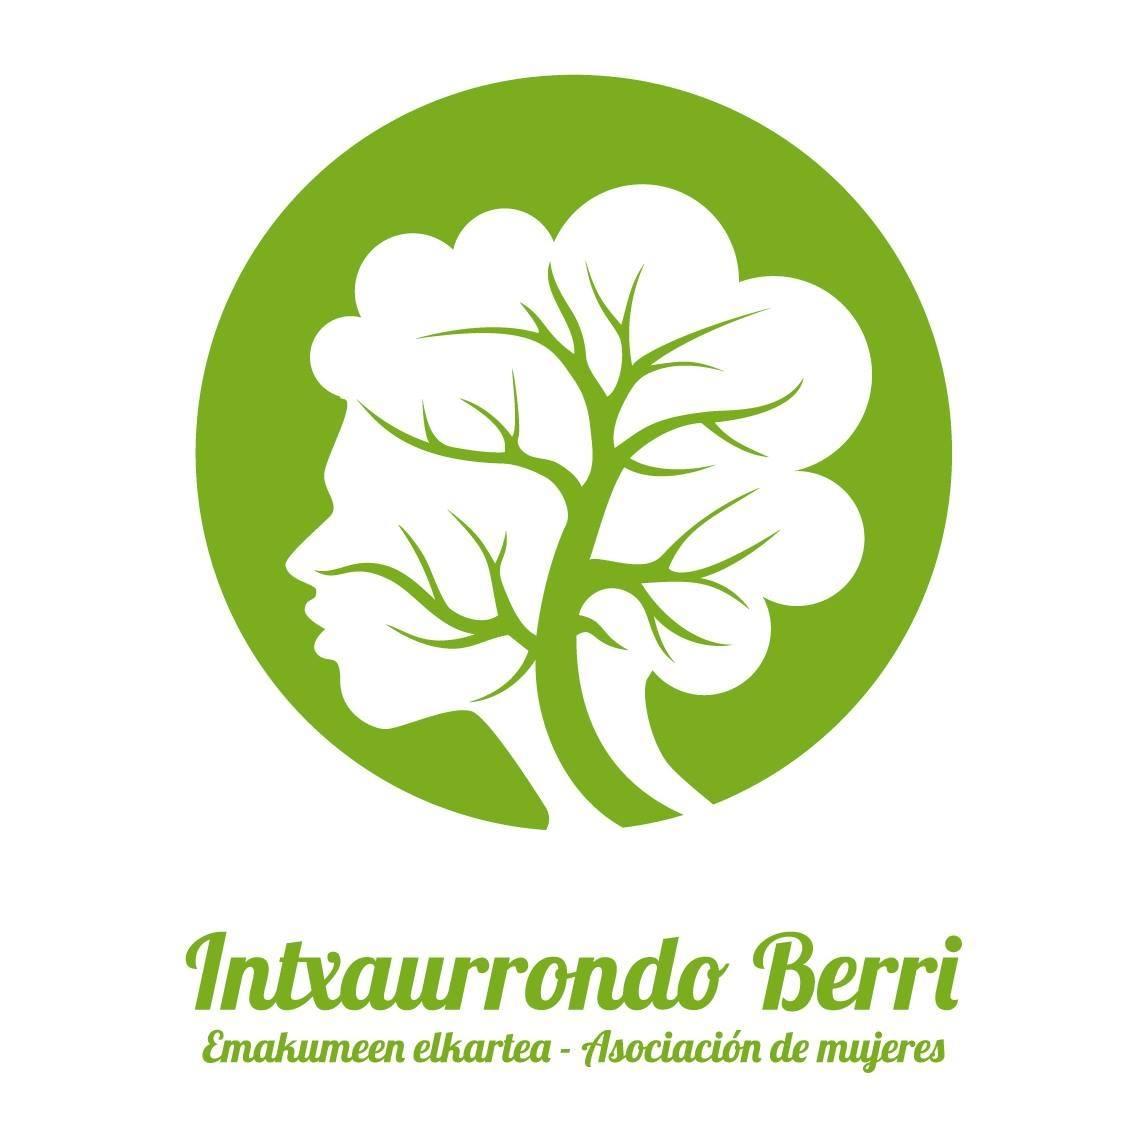 Intxaurrondo Berri - Emakumeen elkartea